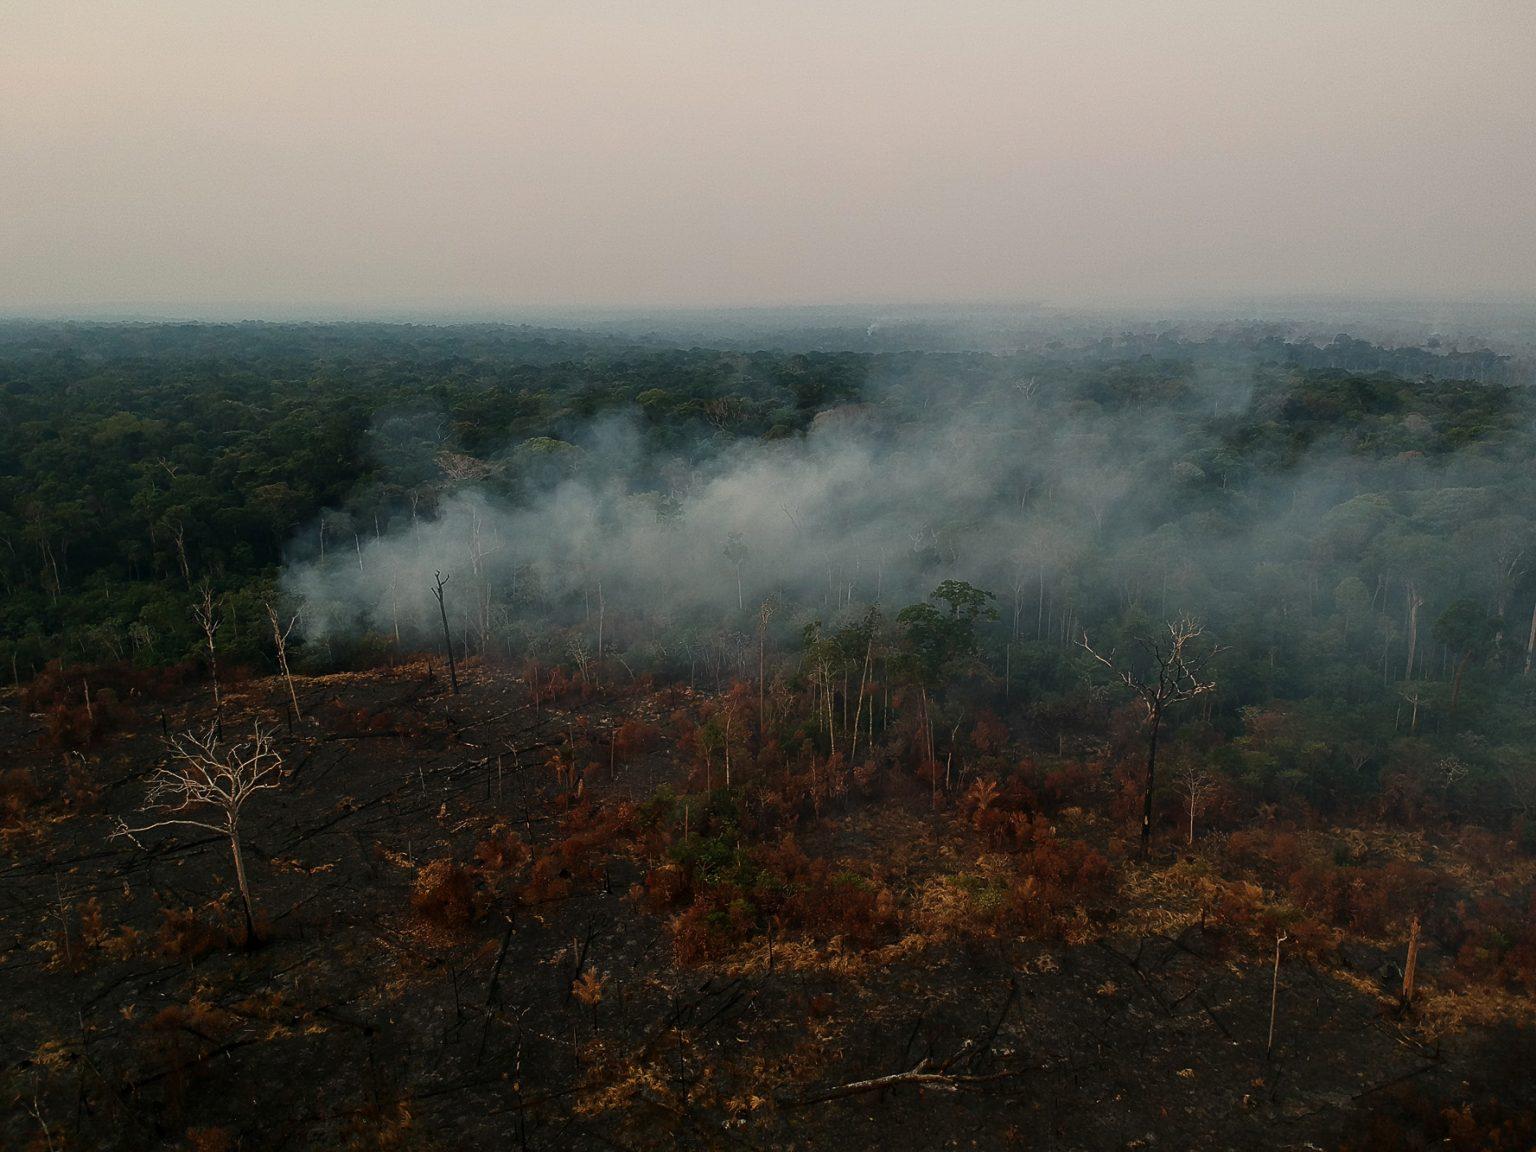 Área de floresta desmatada e queimada perto de Apuí, no sudoeste do Amazonas: para ambientalistas, flexibilização do licenciamento ameaça patrimônio natural (Foto: Bruno Kelly/Amazônia Real - 09/08/2020)